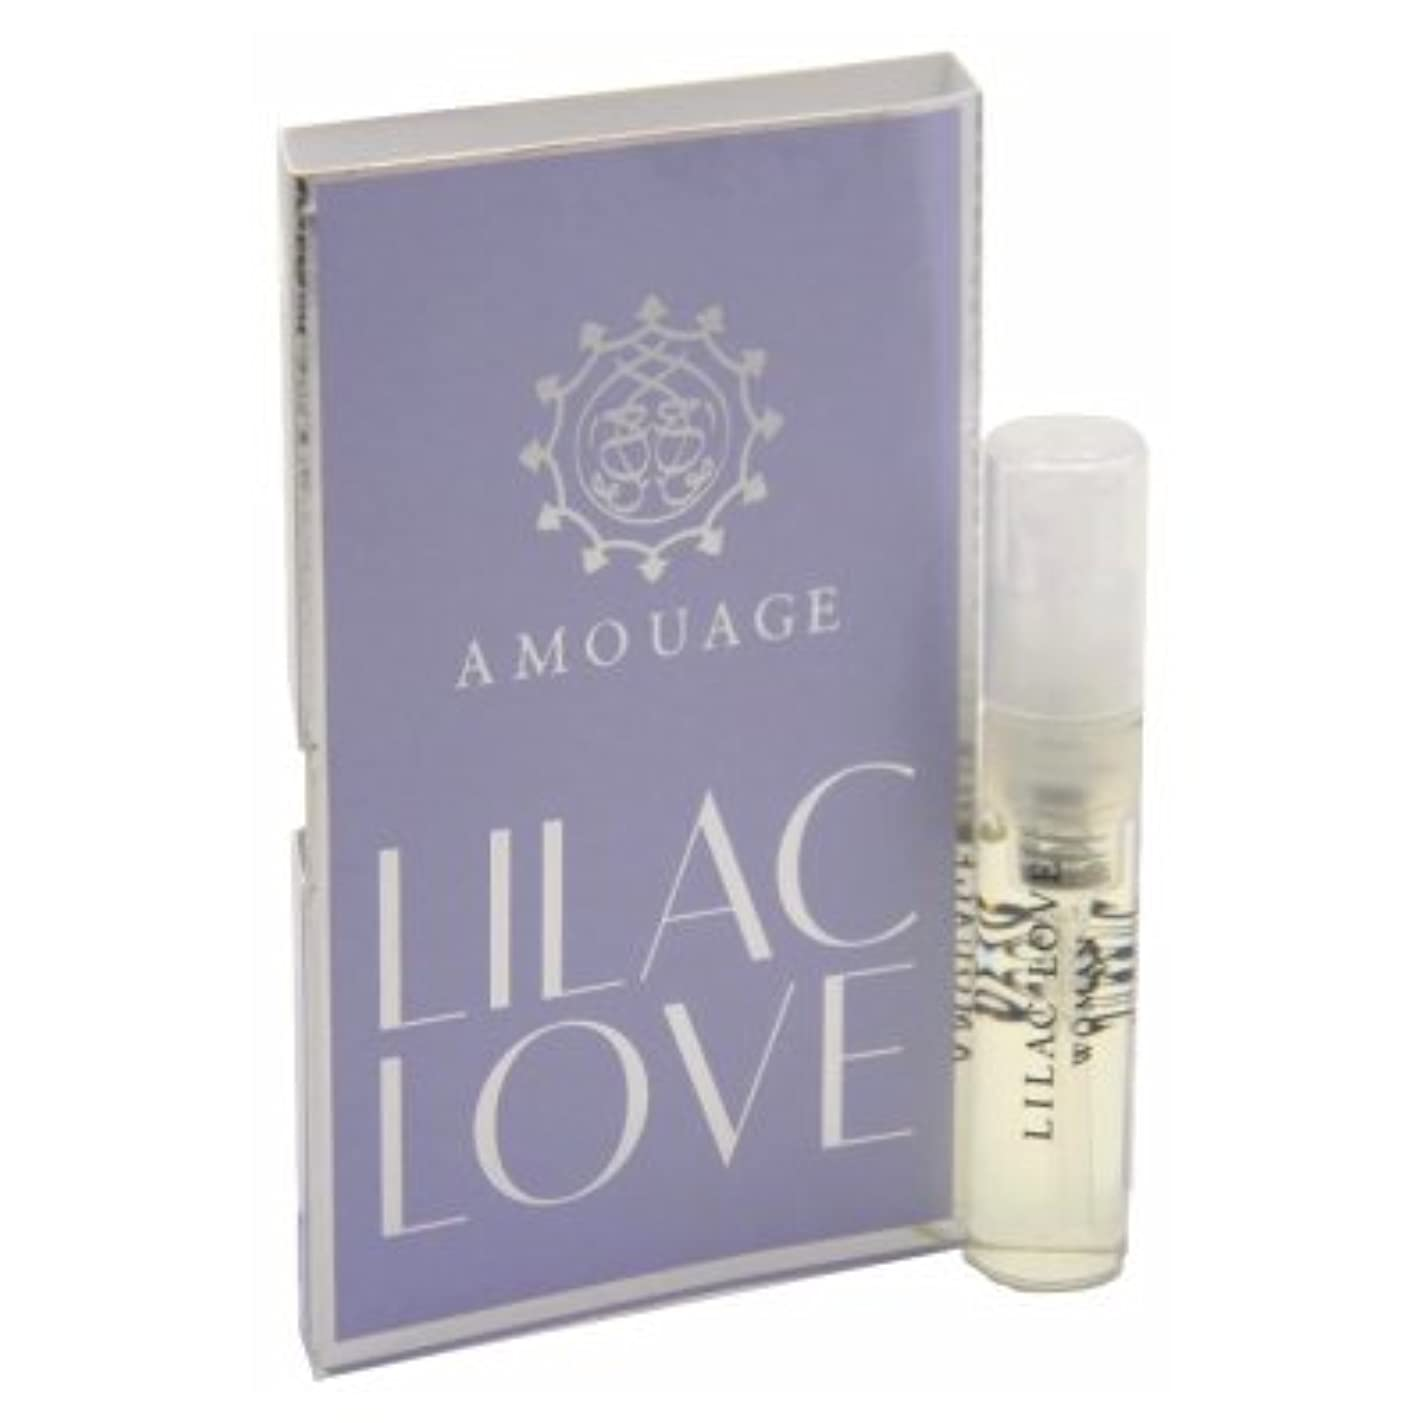 慣性好戦的な特別なAmouage Lilac Love EDP Woman Vial Sample 2ml(アムアージュ ライラック ラブ ウーマン オードパルファン 2ml)[海外直送品] [並行輸入品]